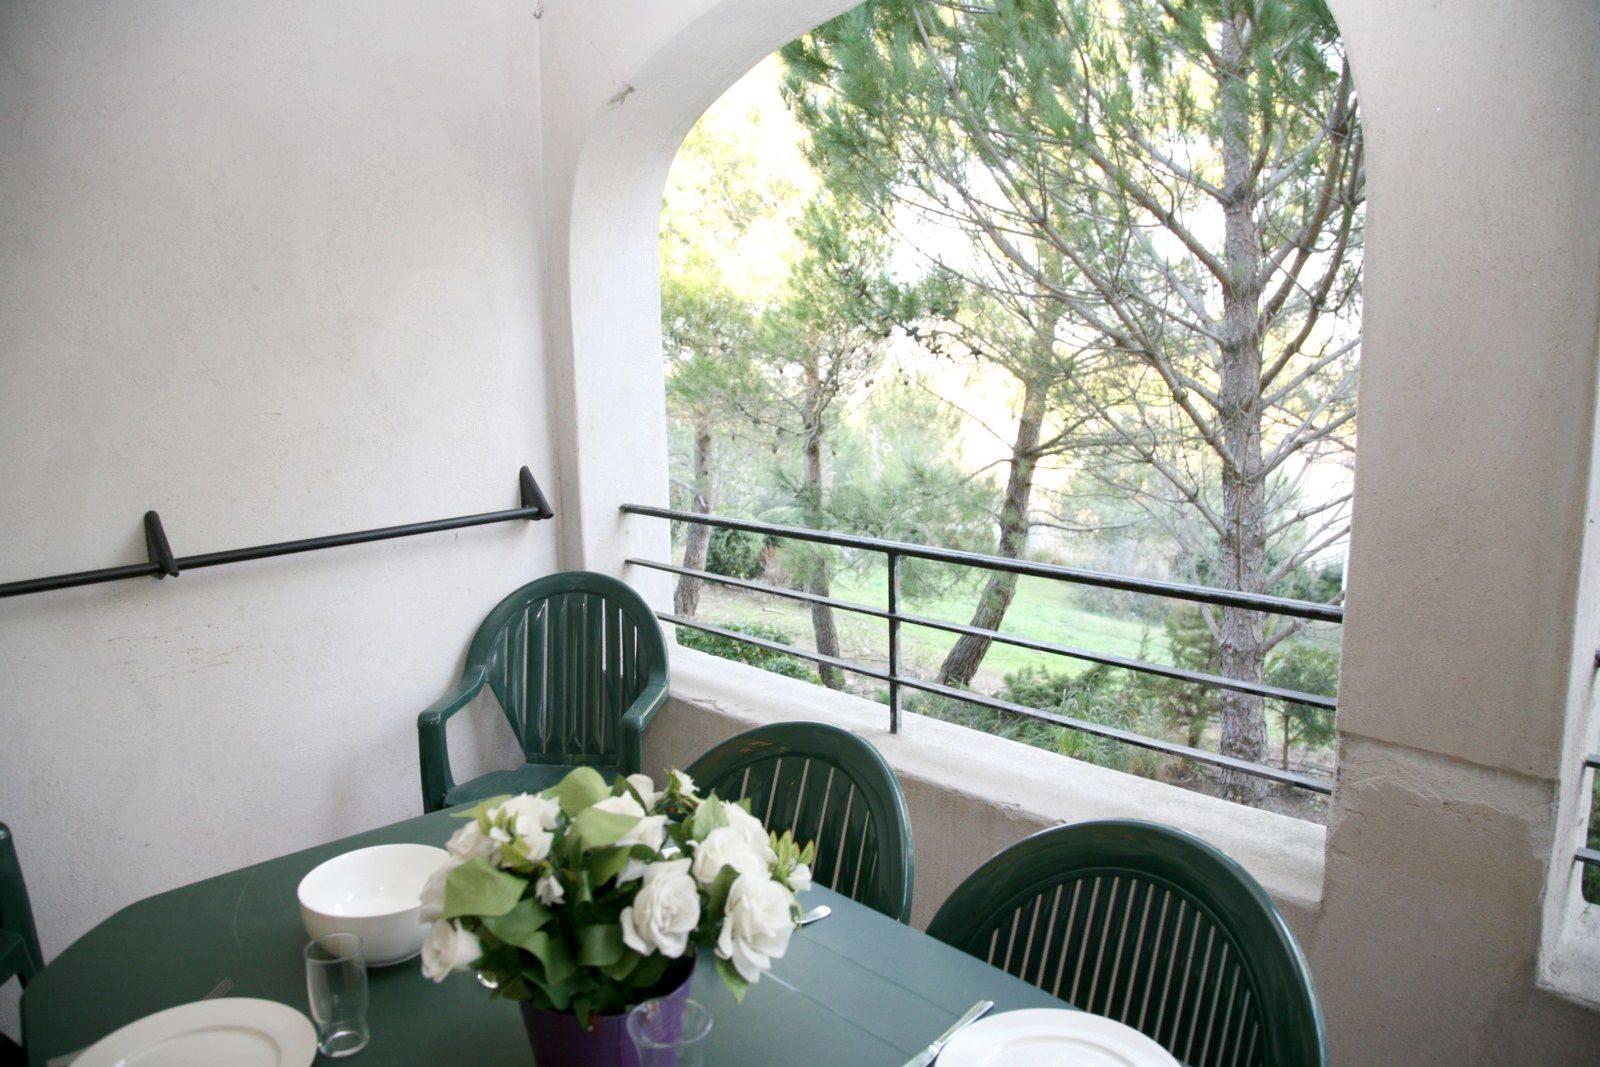 Appartement avec une chambre et un coin cabine belle vue for Chambre avec vues